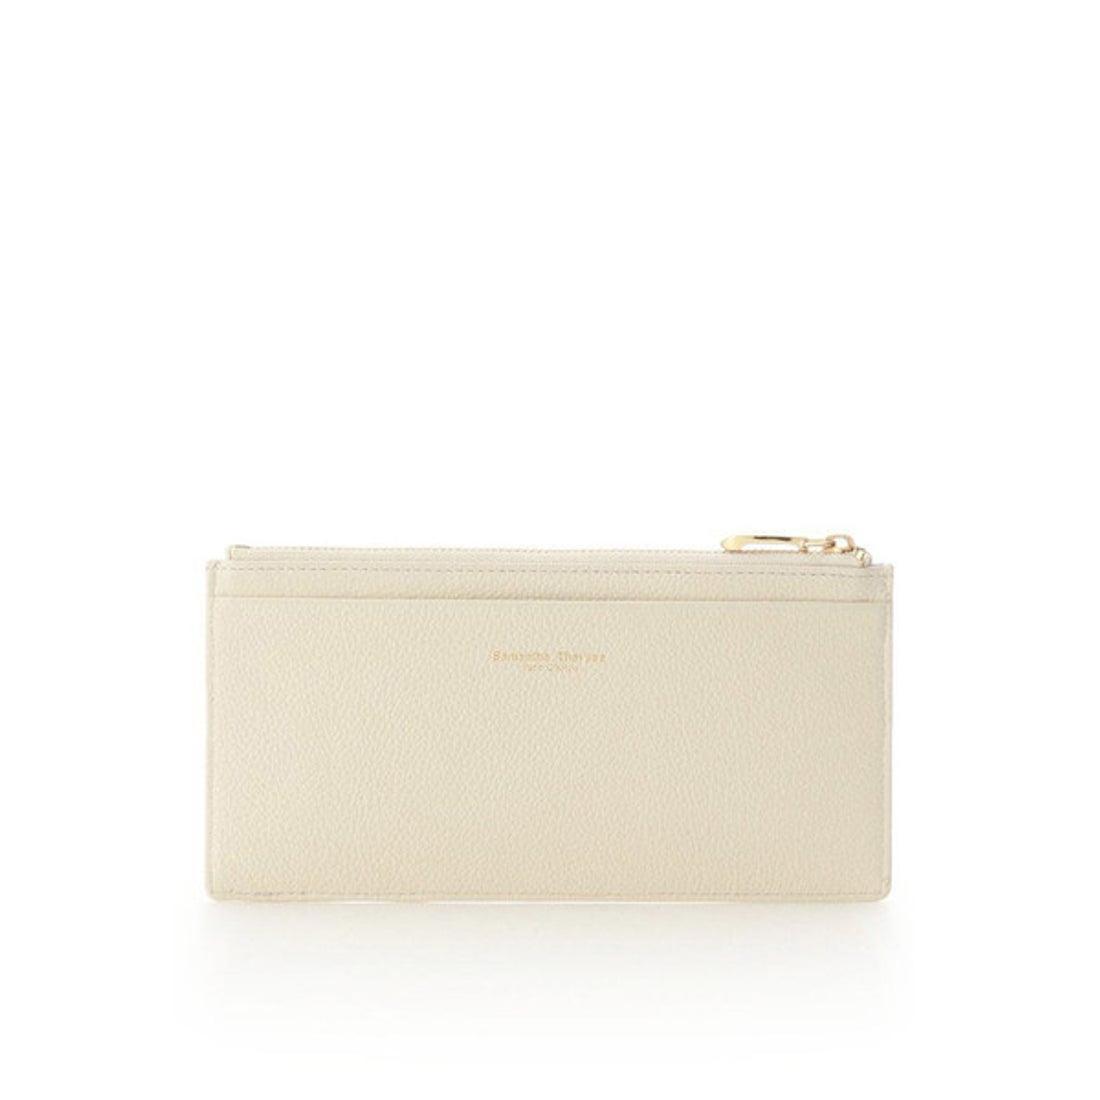 サマンサタバサプチチョイス Samantha Thavasa Petit Choice シンプルレザー 薄型カードケース (オフホワイト)